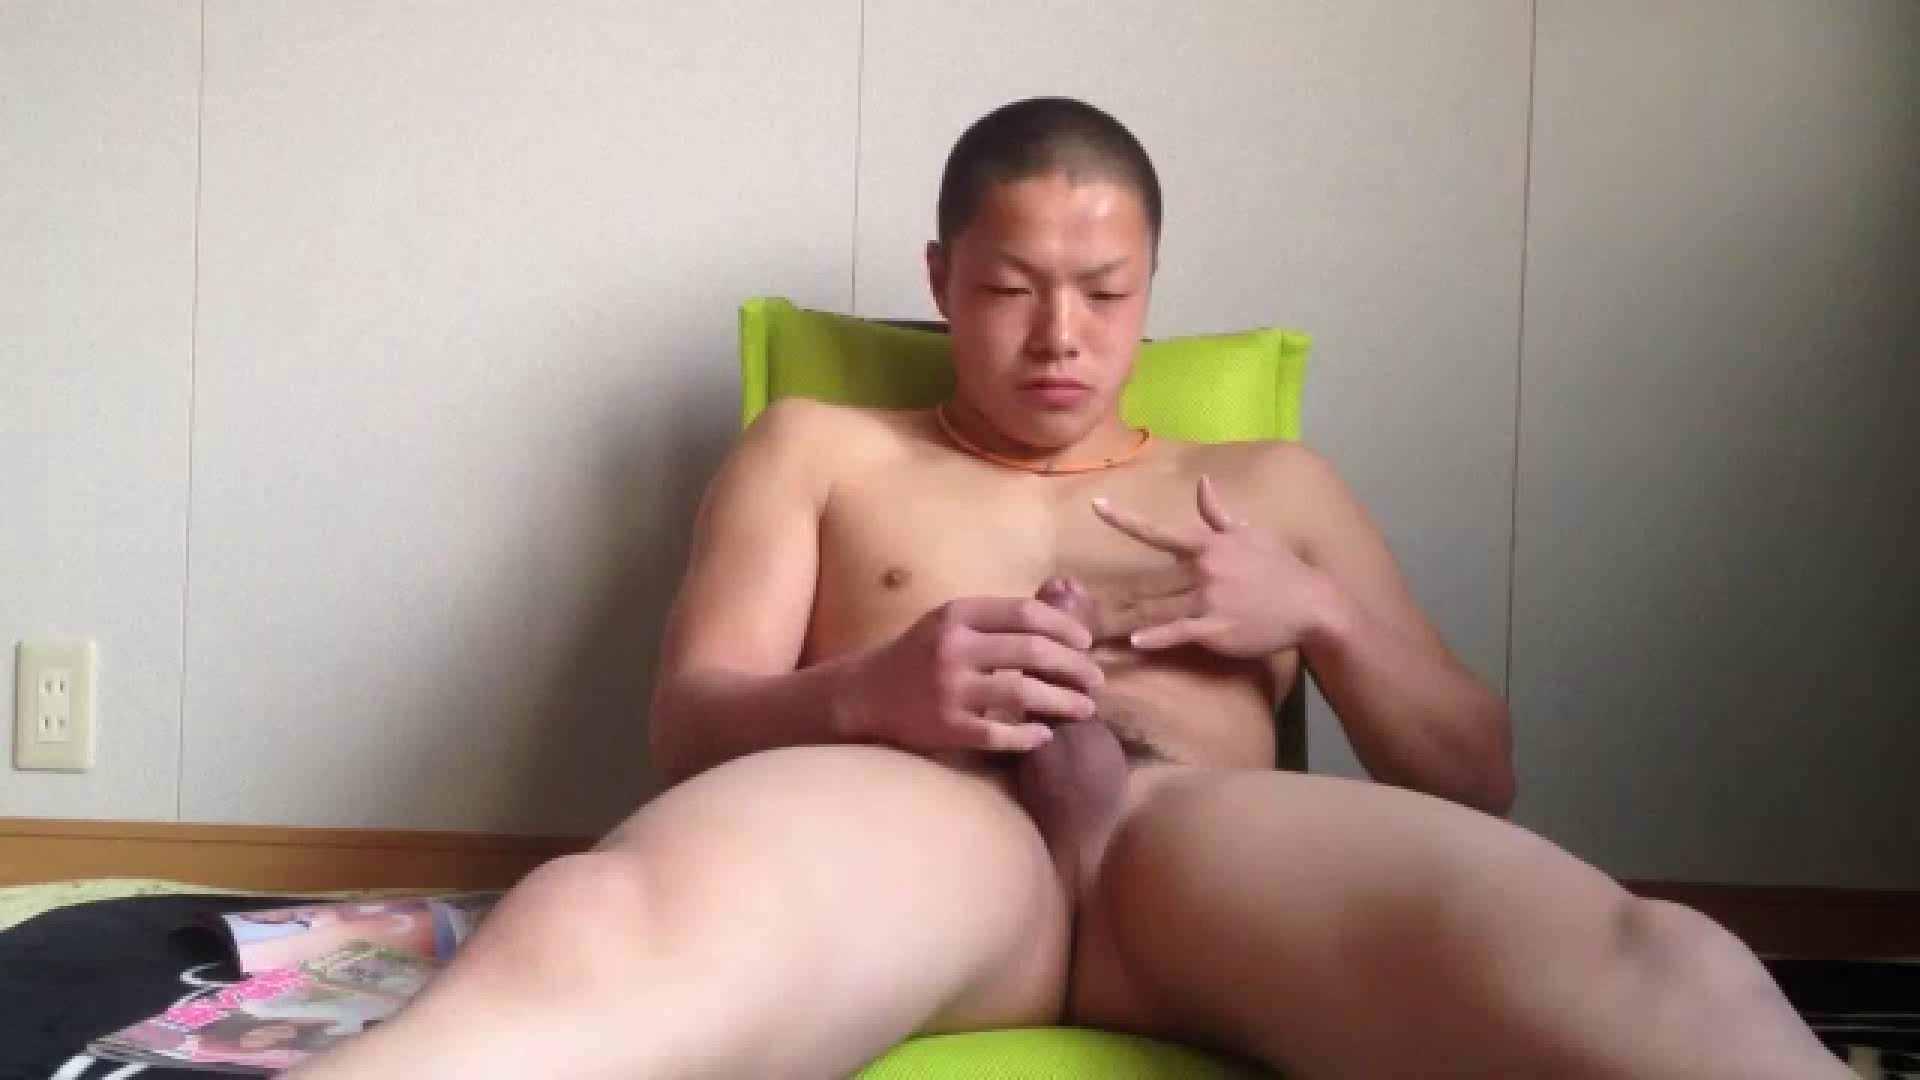 俺の新鮮なミルクはいかが? Vol.11 男天国 | オナニー特集  83pic 11